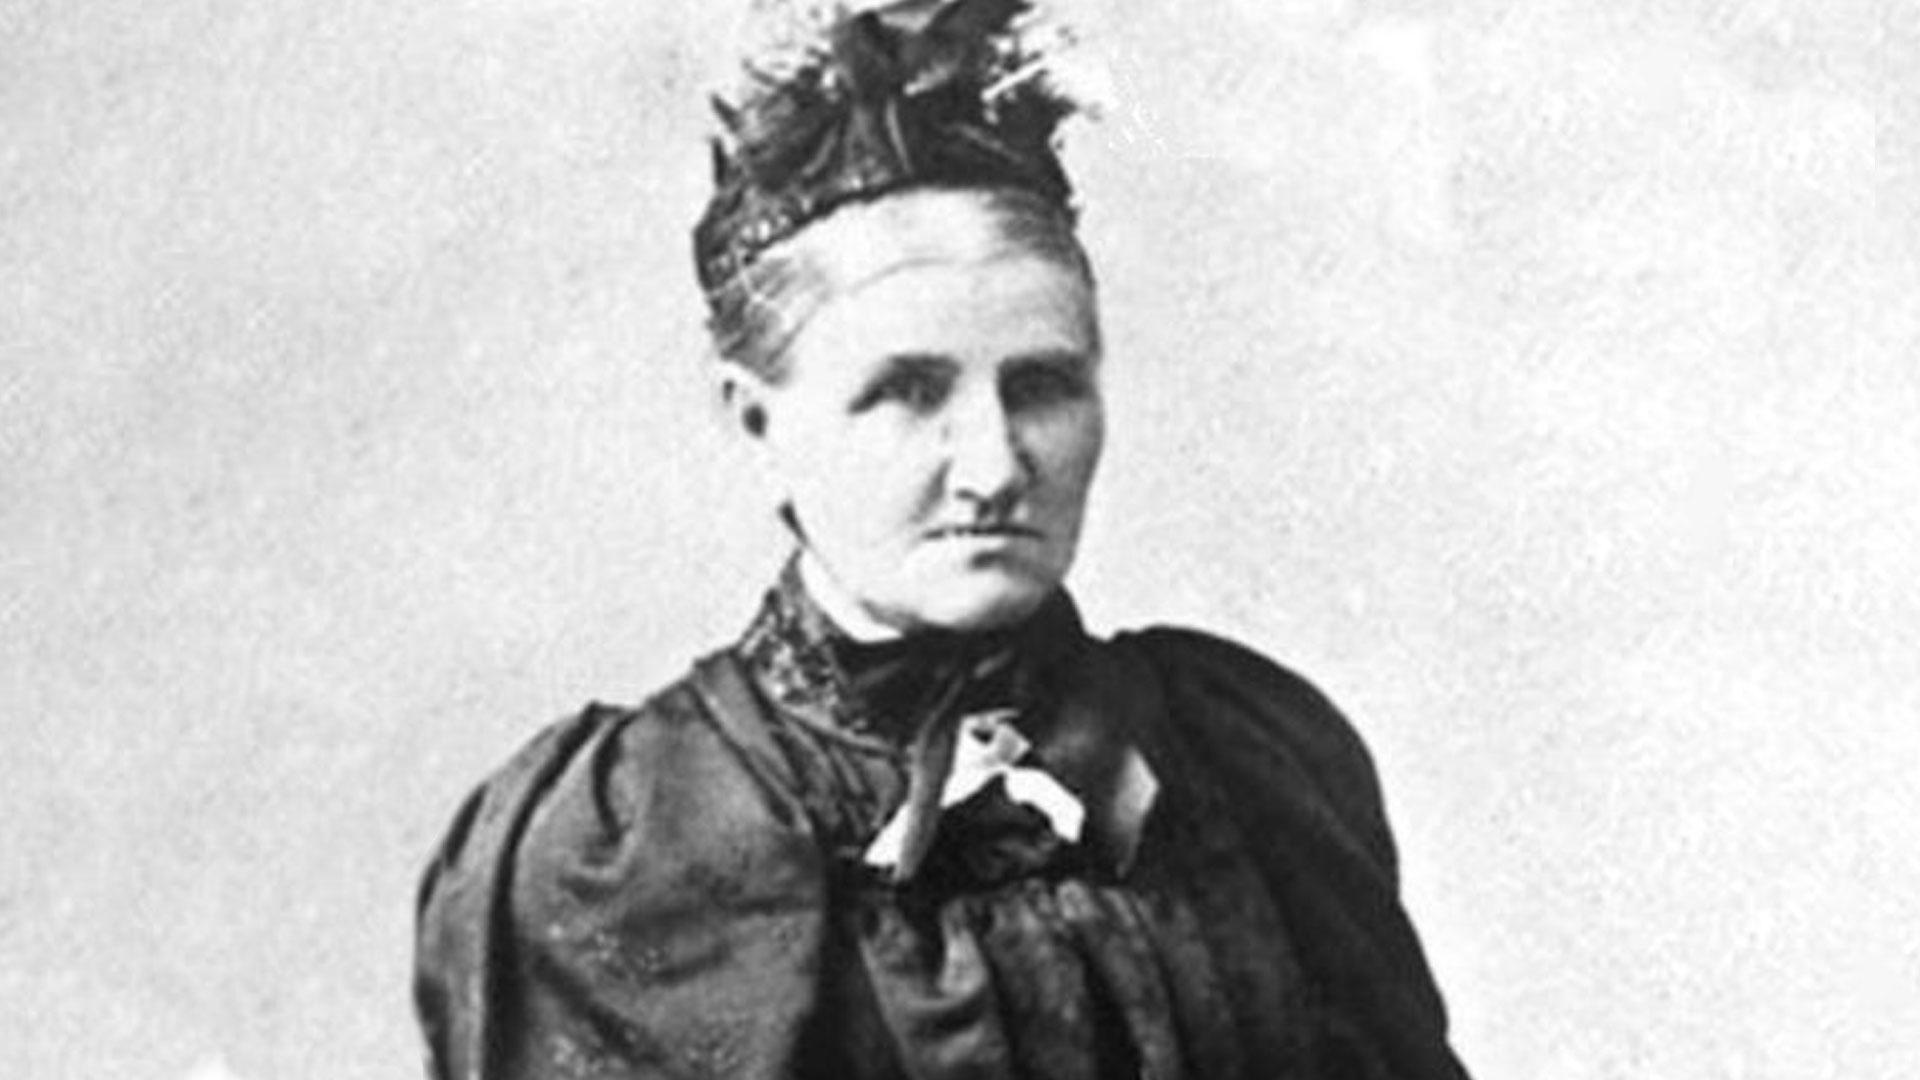 Suffragist Elizabeth Caradus